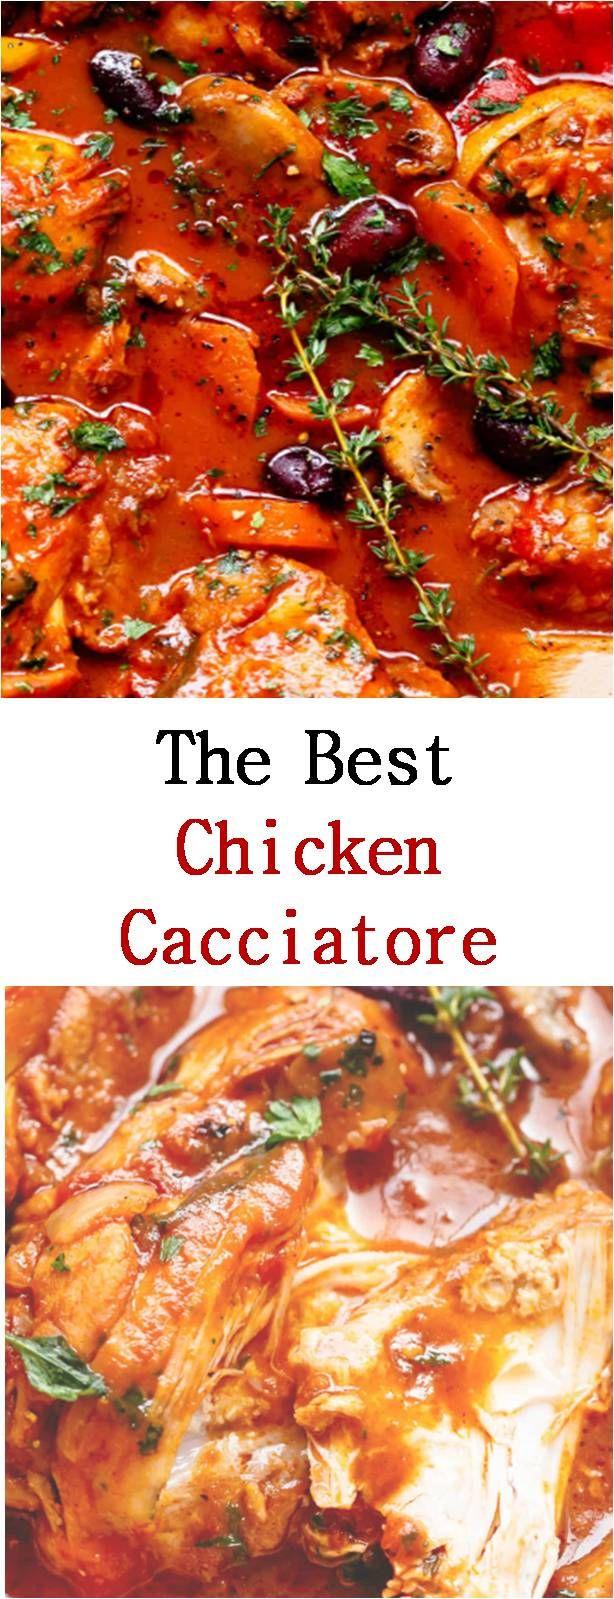 The Best Chicken Cacciatore Recipe Chicken Cacciatore Recipe Cacciatore Recipes Chicken Cacciatore